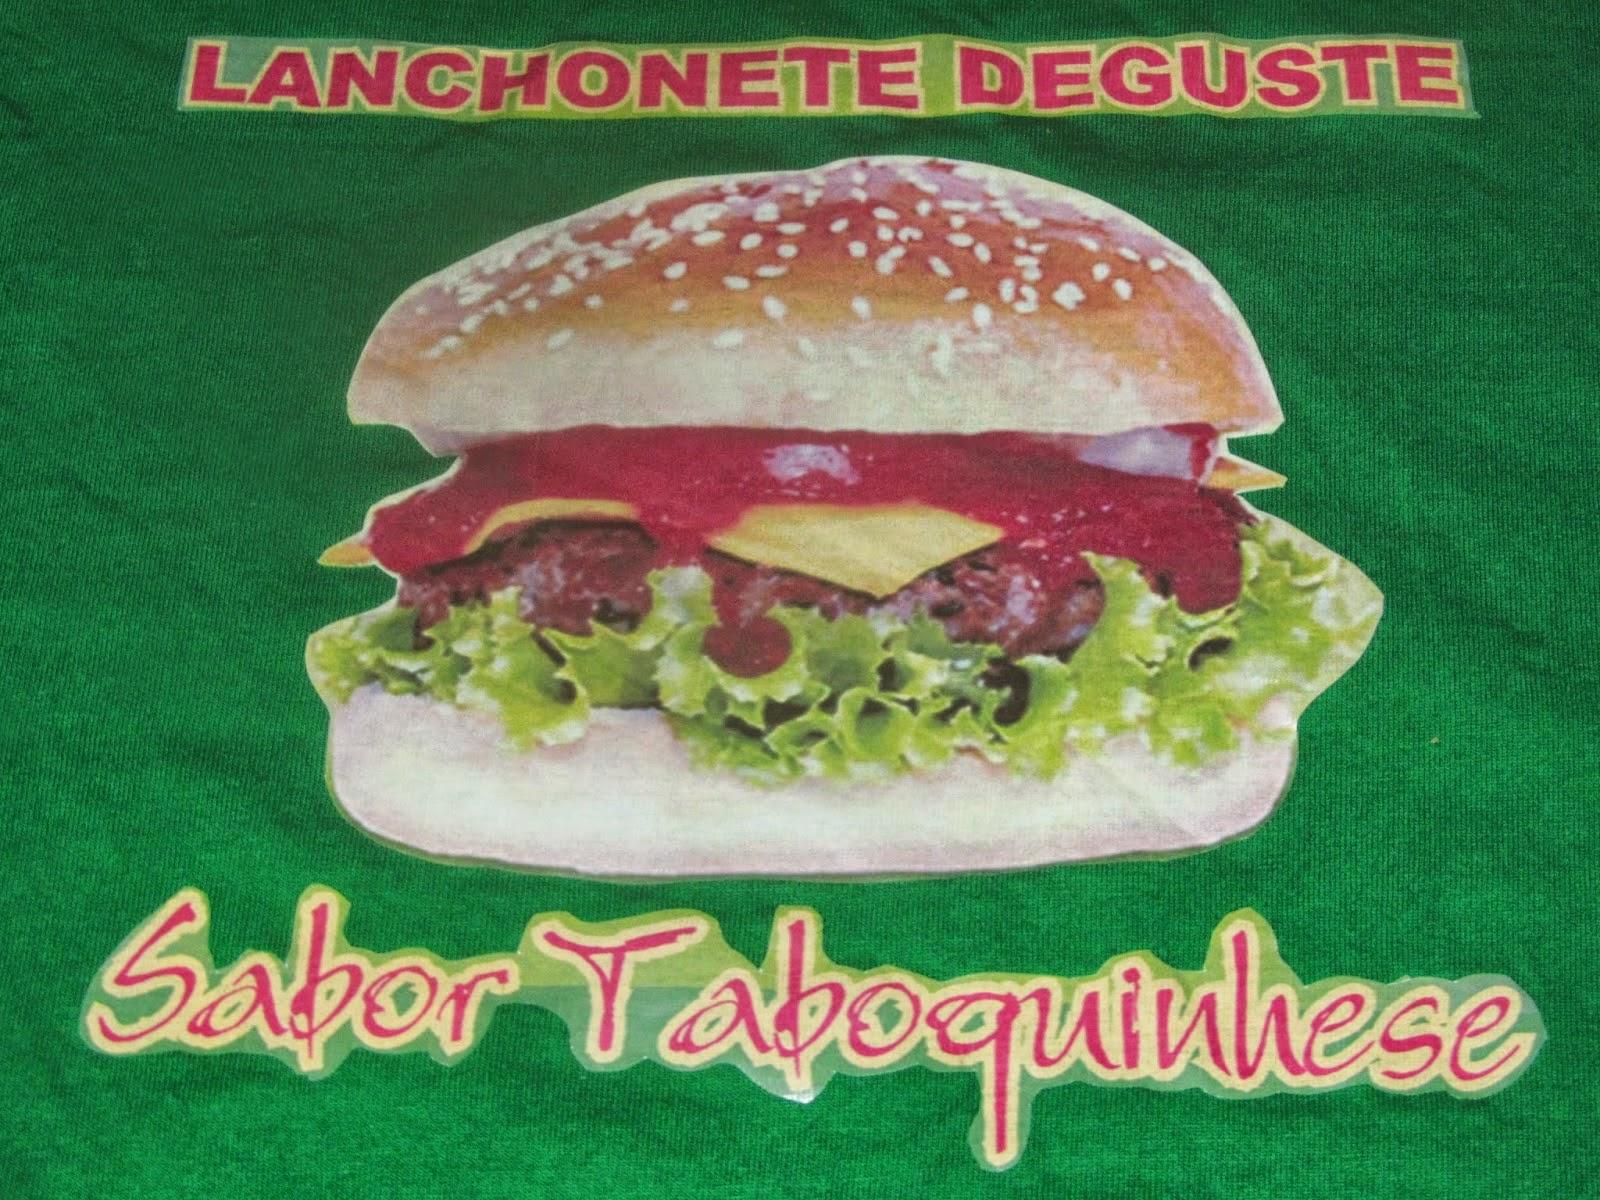 Lanchonete Deguste, a melhor opção!